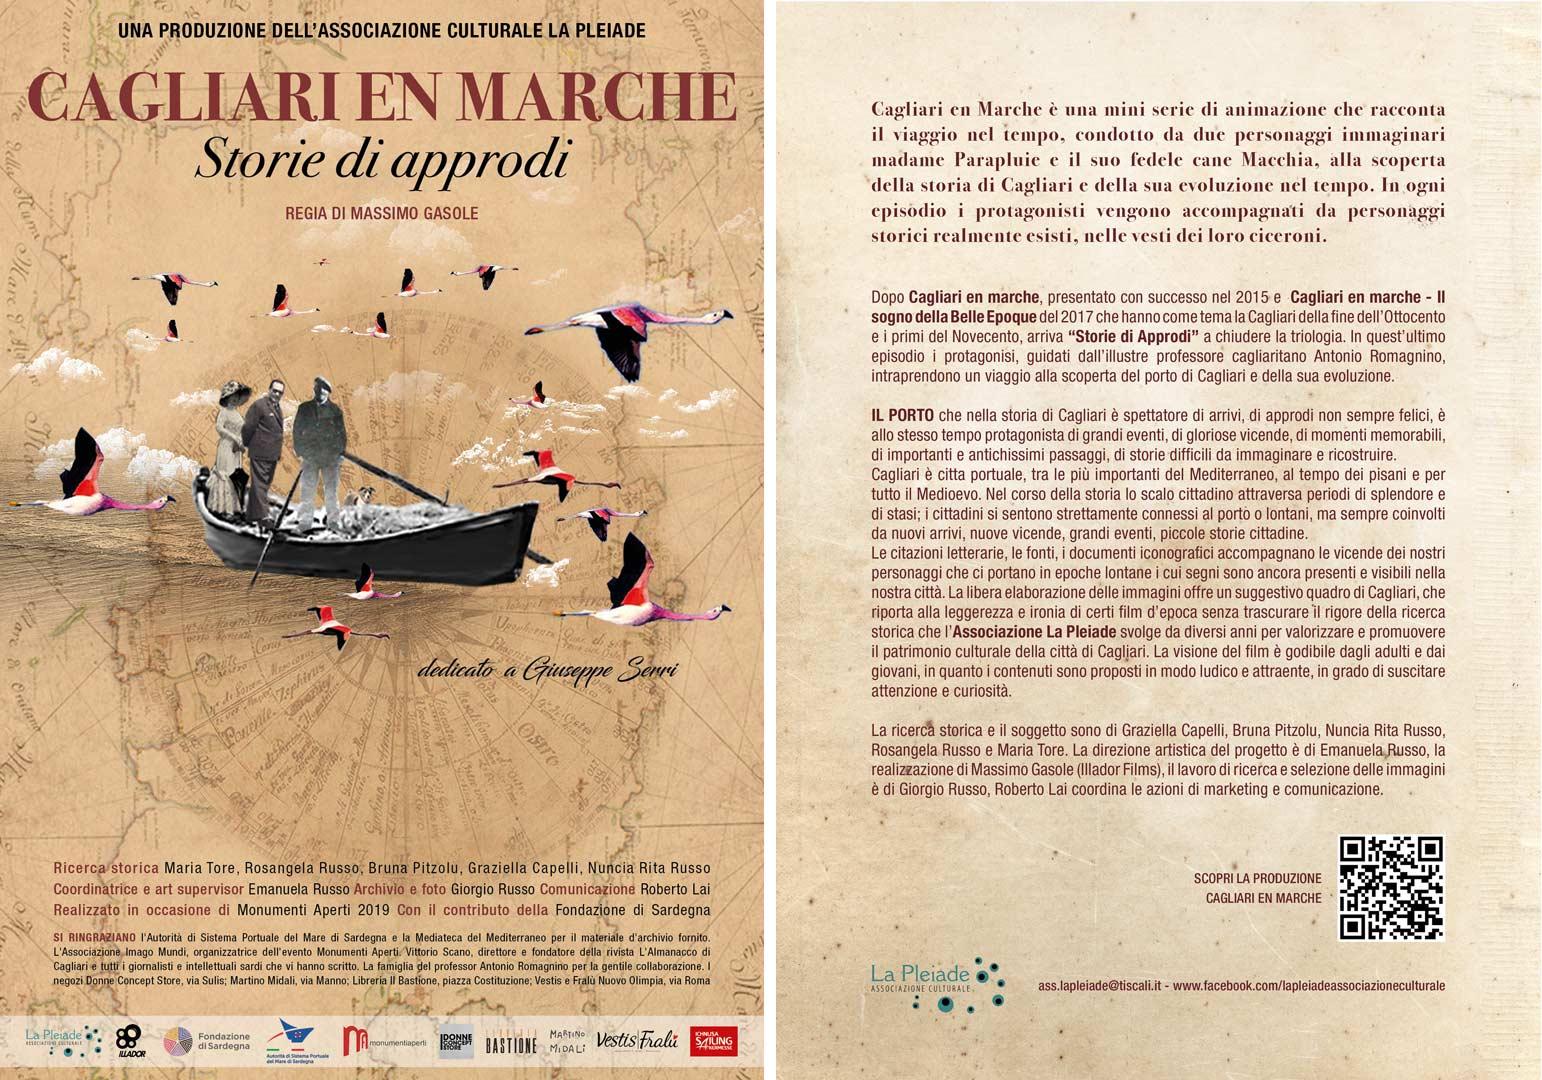 Cagliari en Marche